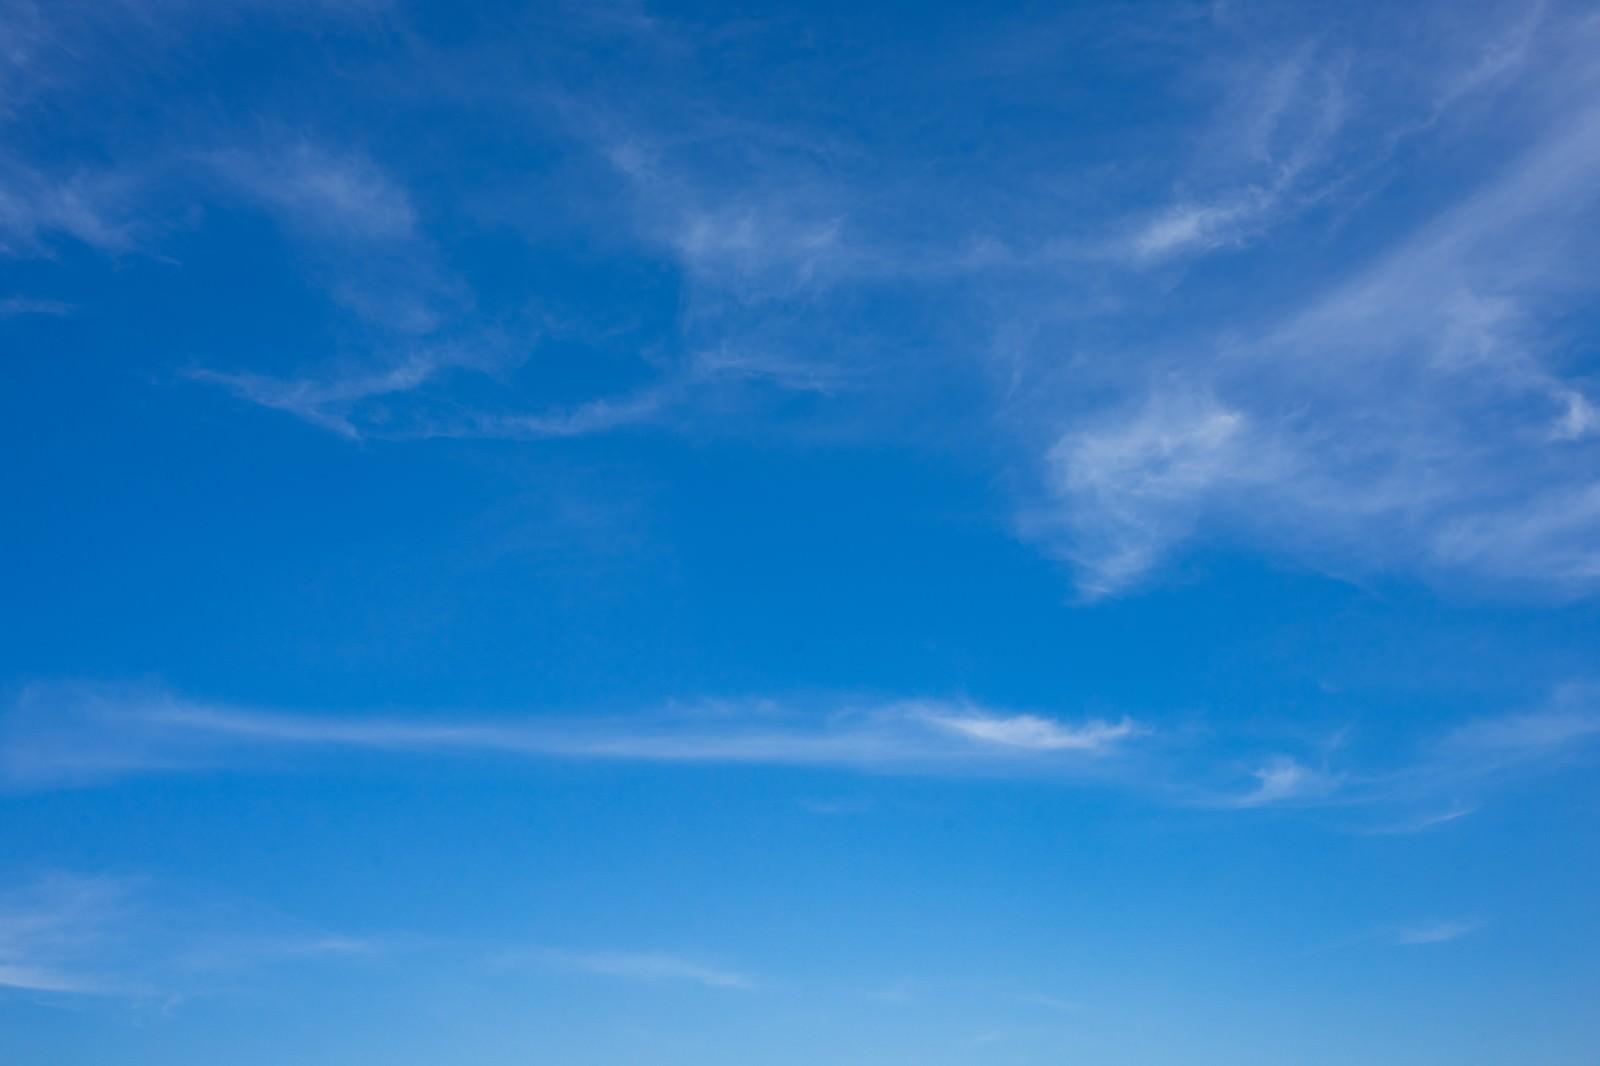 「薄い雲と晴れた空薄い雲と晴れた空」のフリー写真素材を拡大